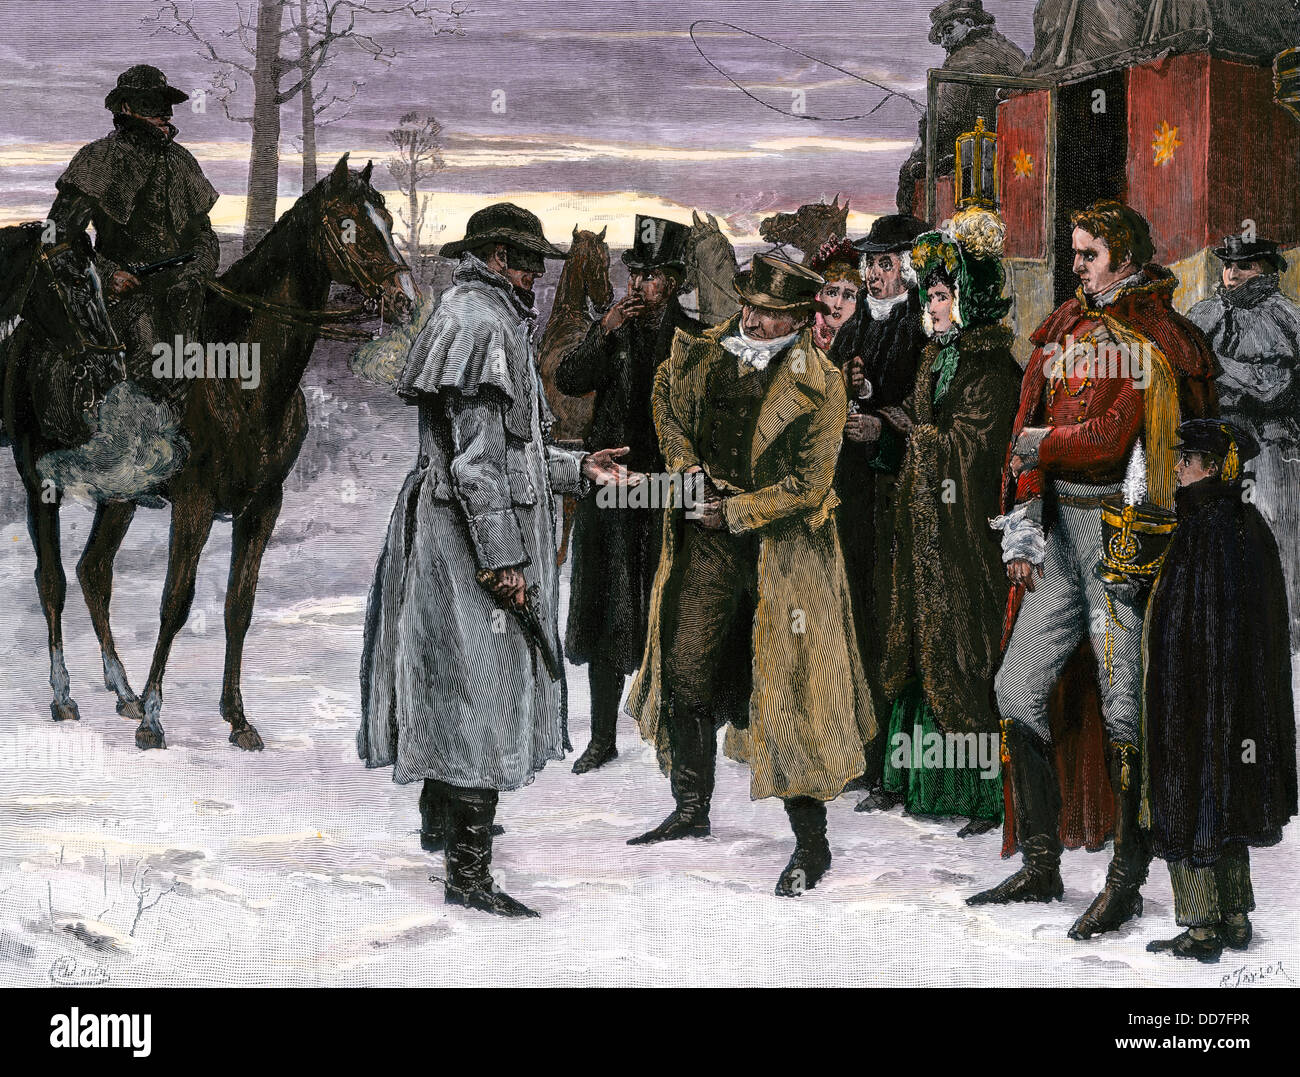 Banditi di rapinare stagecoach passeggeri su il Re della strada statale, Inghilterra, 1700s. Colorate a mano la Immagini Stock